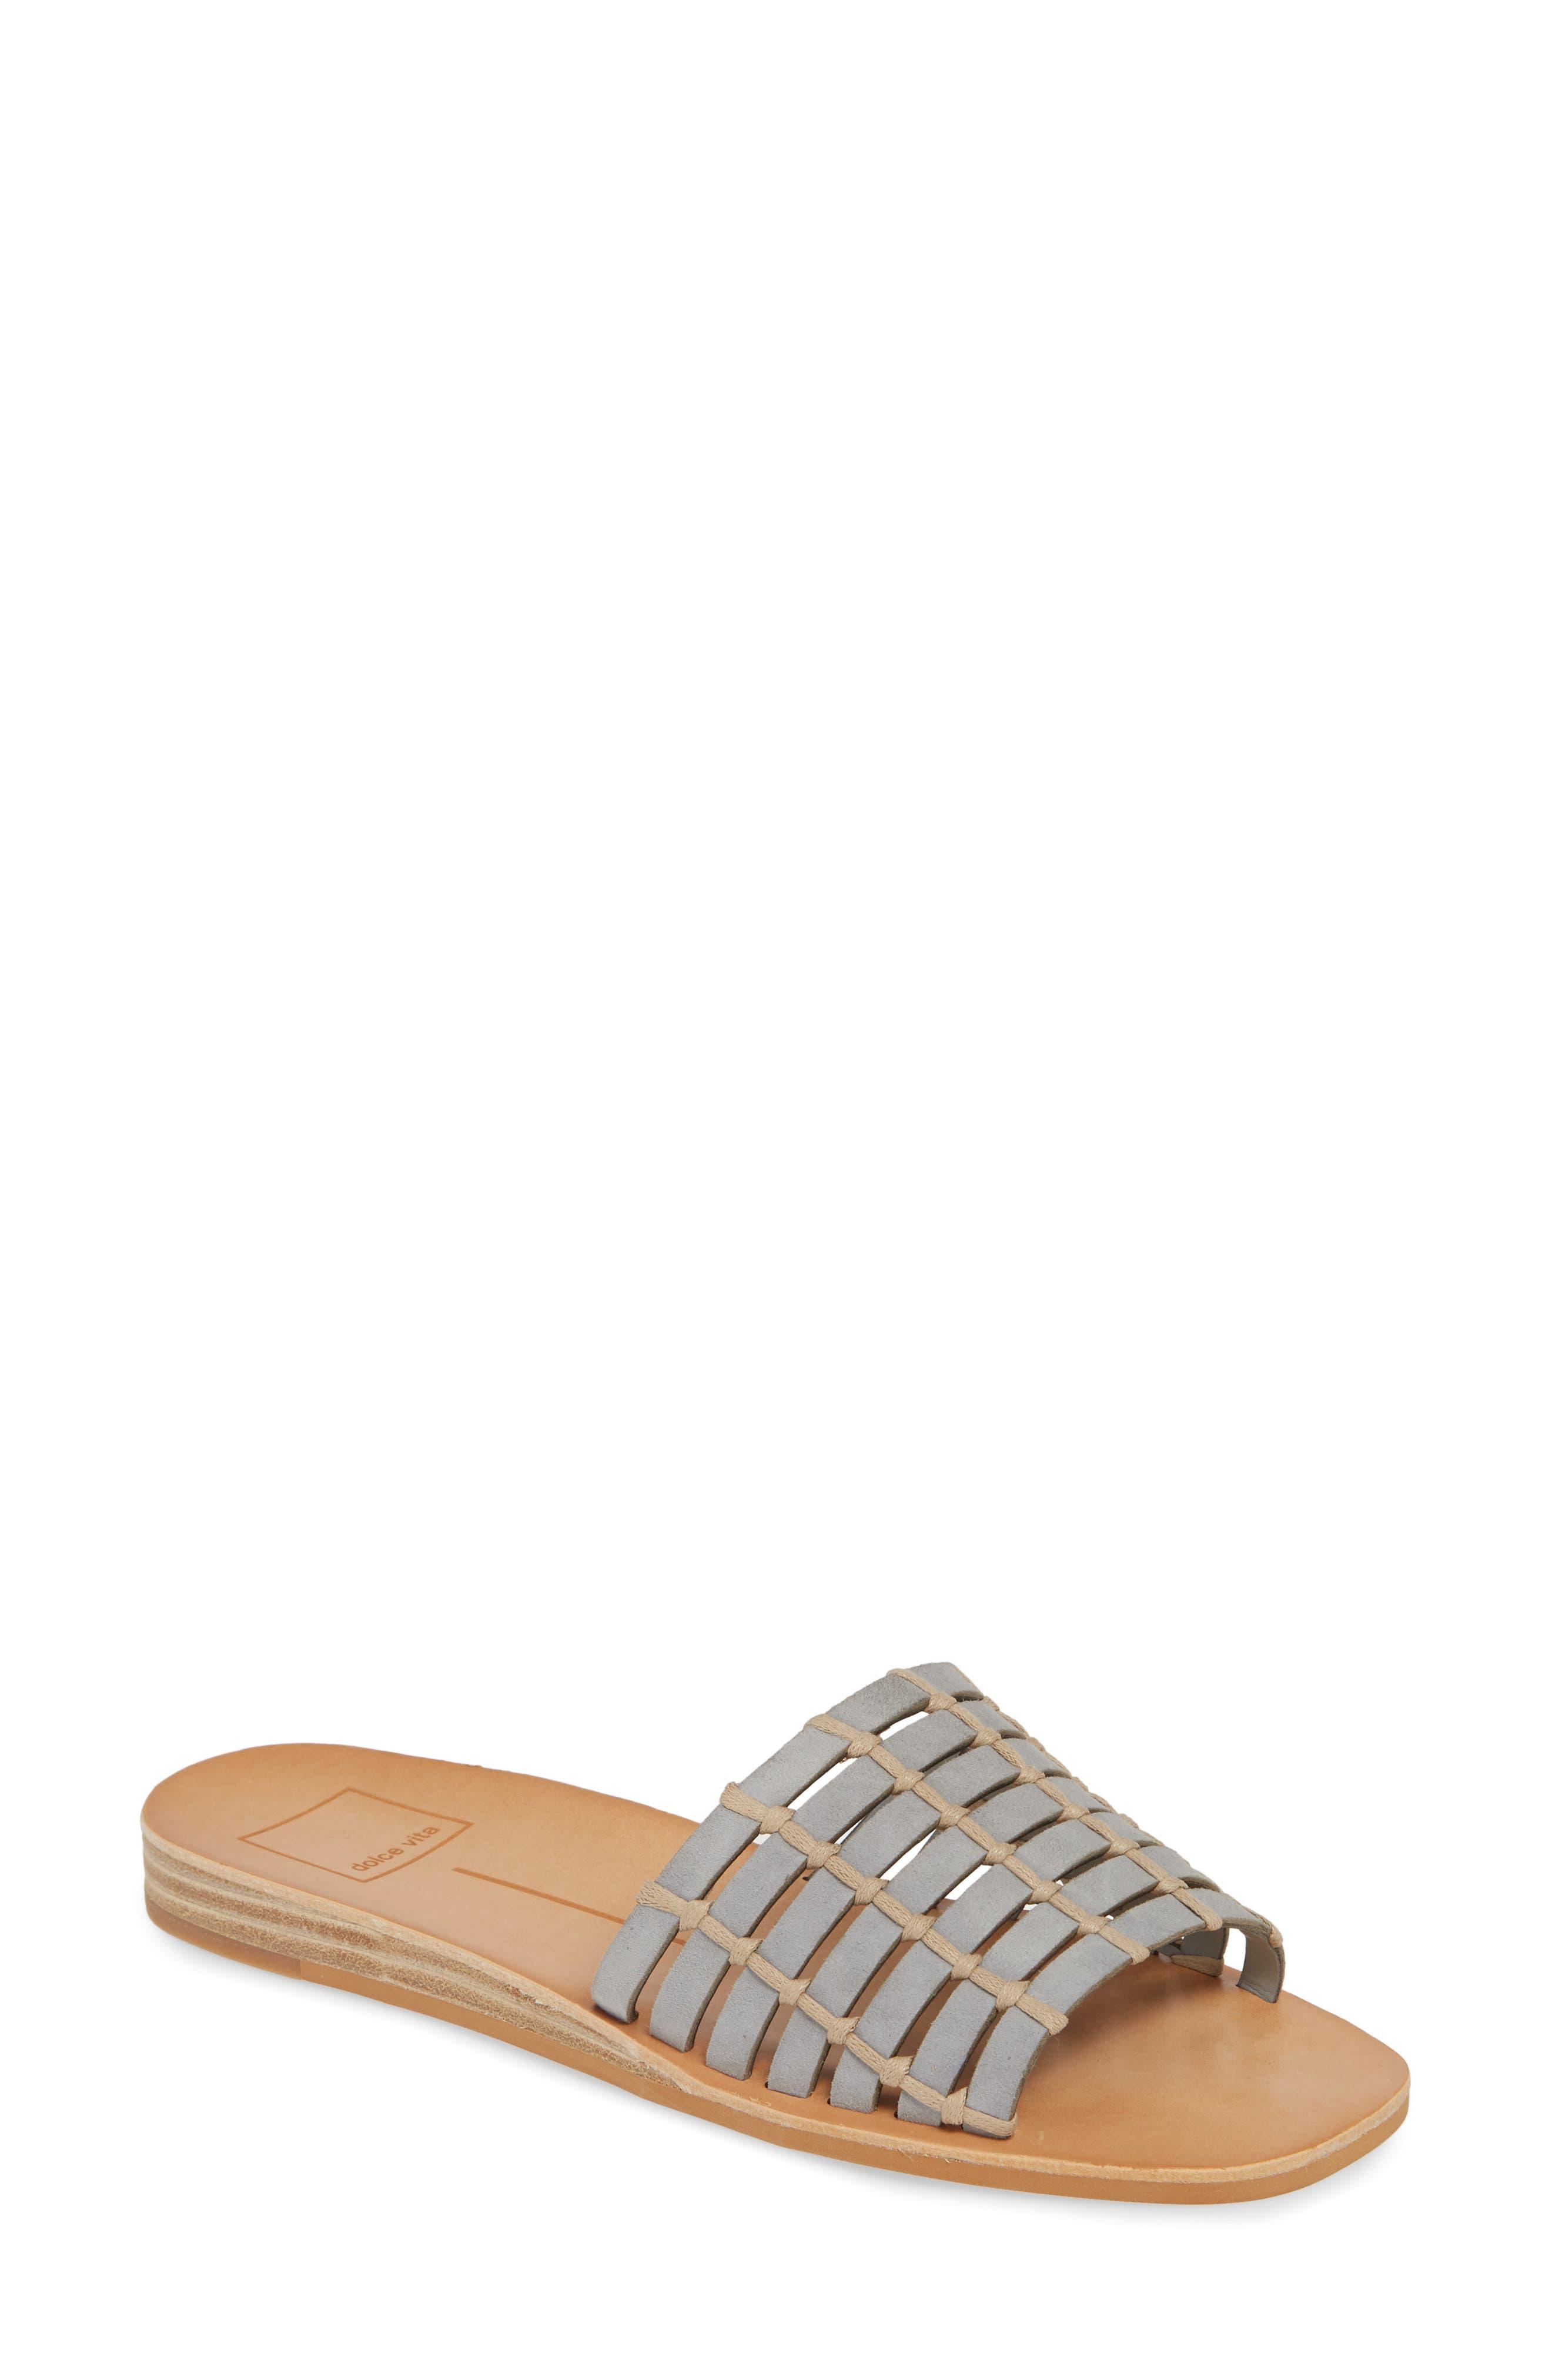 Dolce Vita Colsen Slide Sandal- Grey